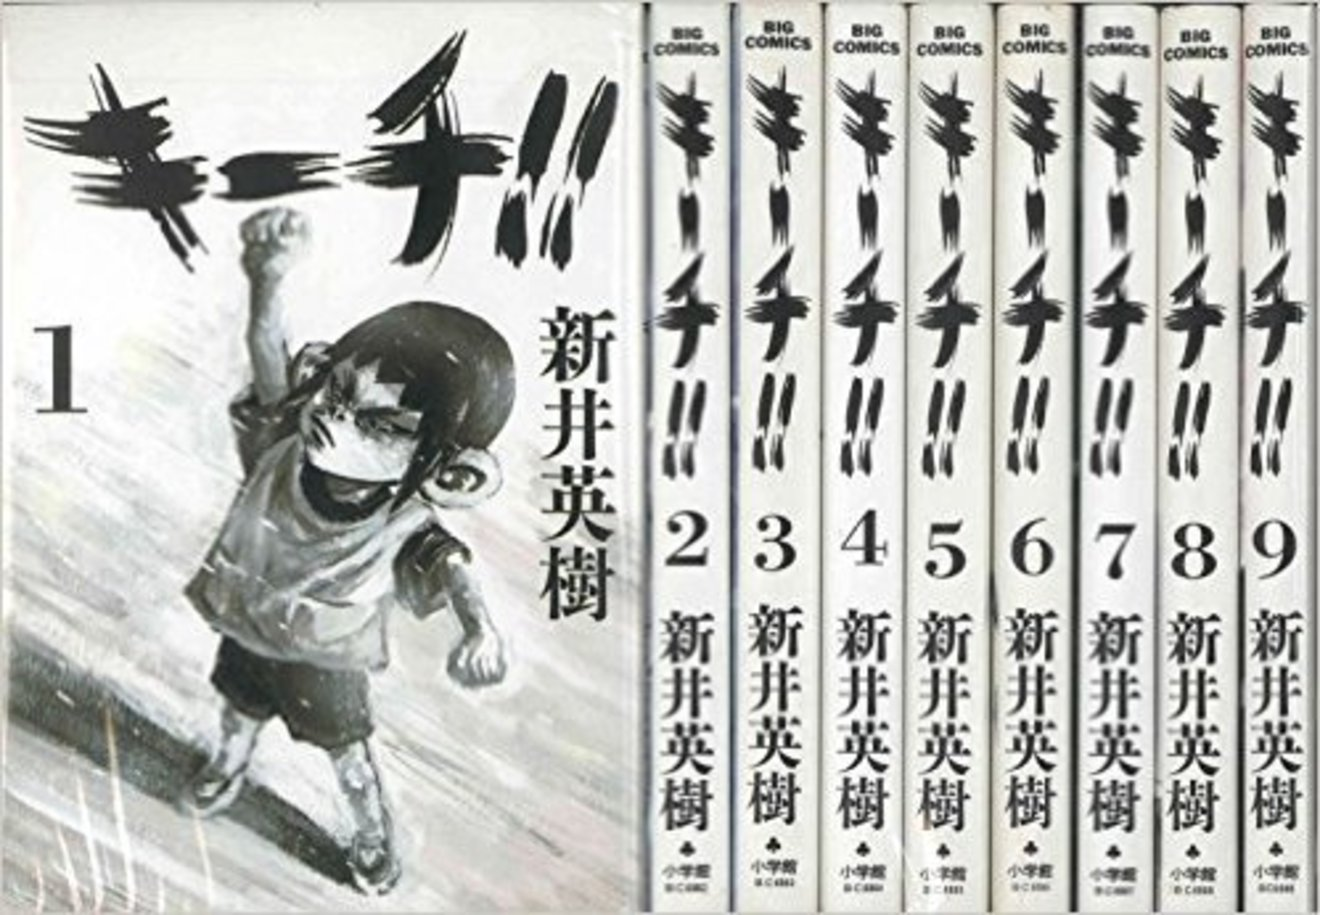 漫画『キーチ!!』が無料で読める!あらすじでわかる面白さをネタバレ紹介!